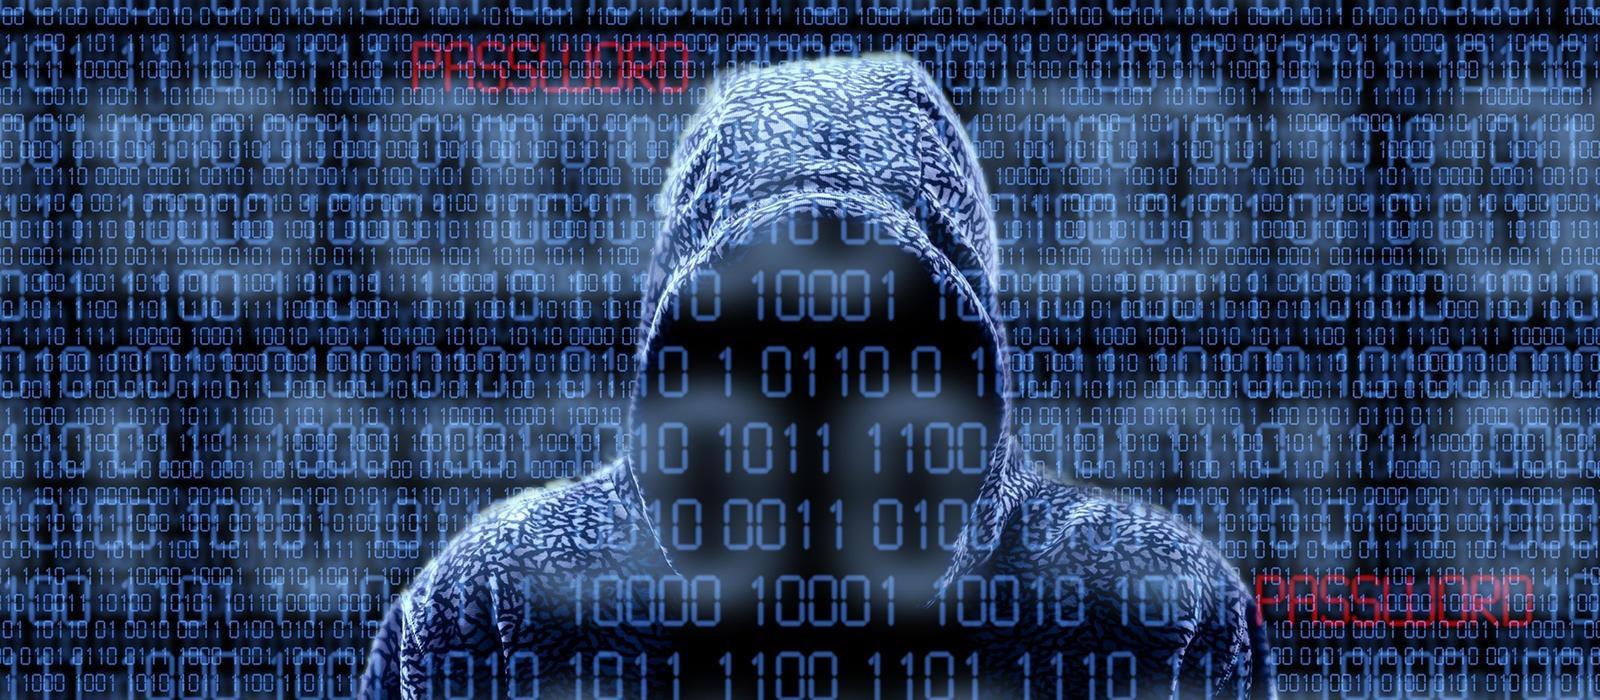 Σύλληψη τριών χάκερ με διεθνή δράση στη Θεσσαλονίκη   Νομικά Νέα   Lawspot